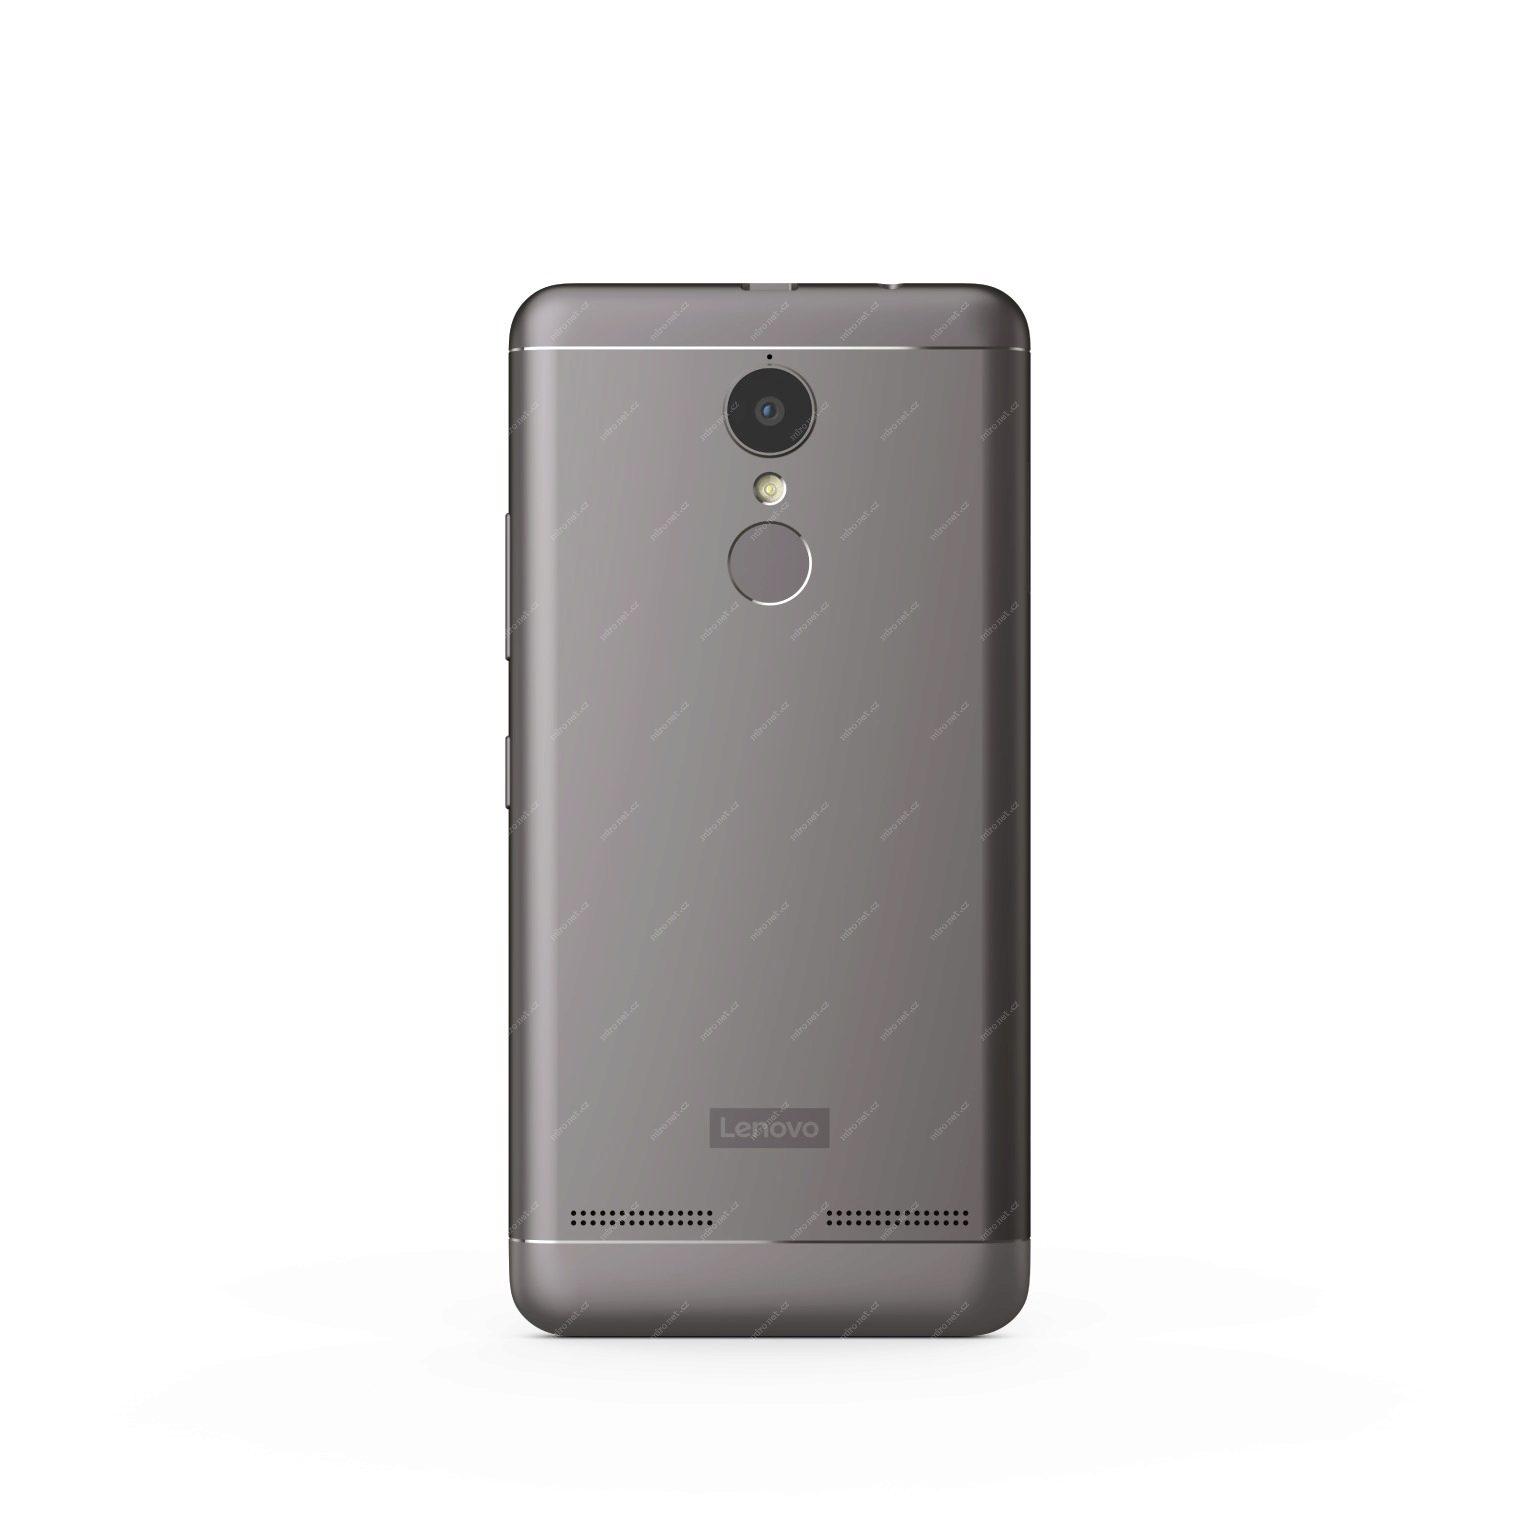 Mobiln telefon Lenovo K6 Power Dual SIM LTE Å¡edá